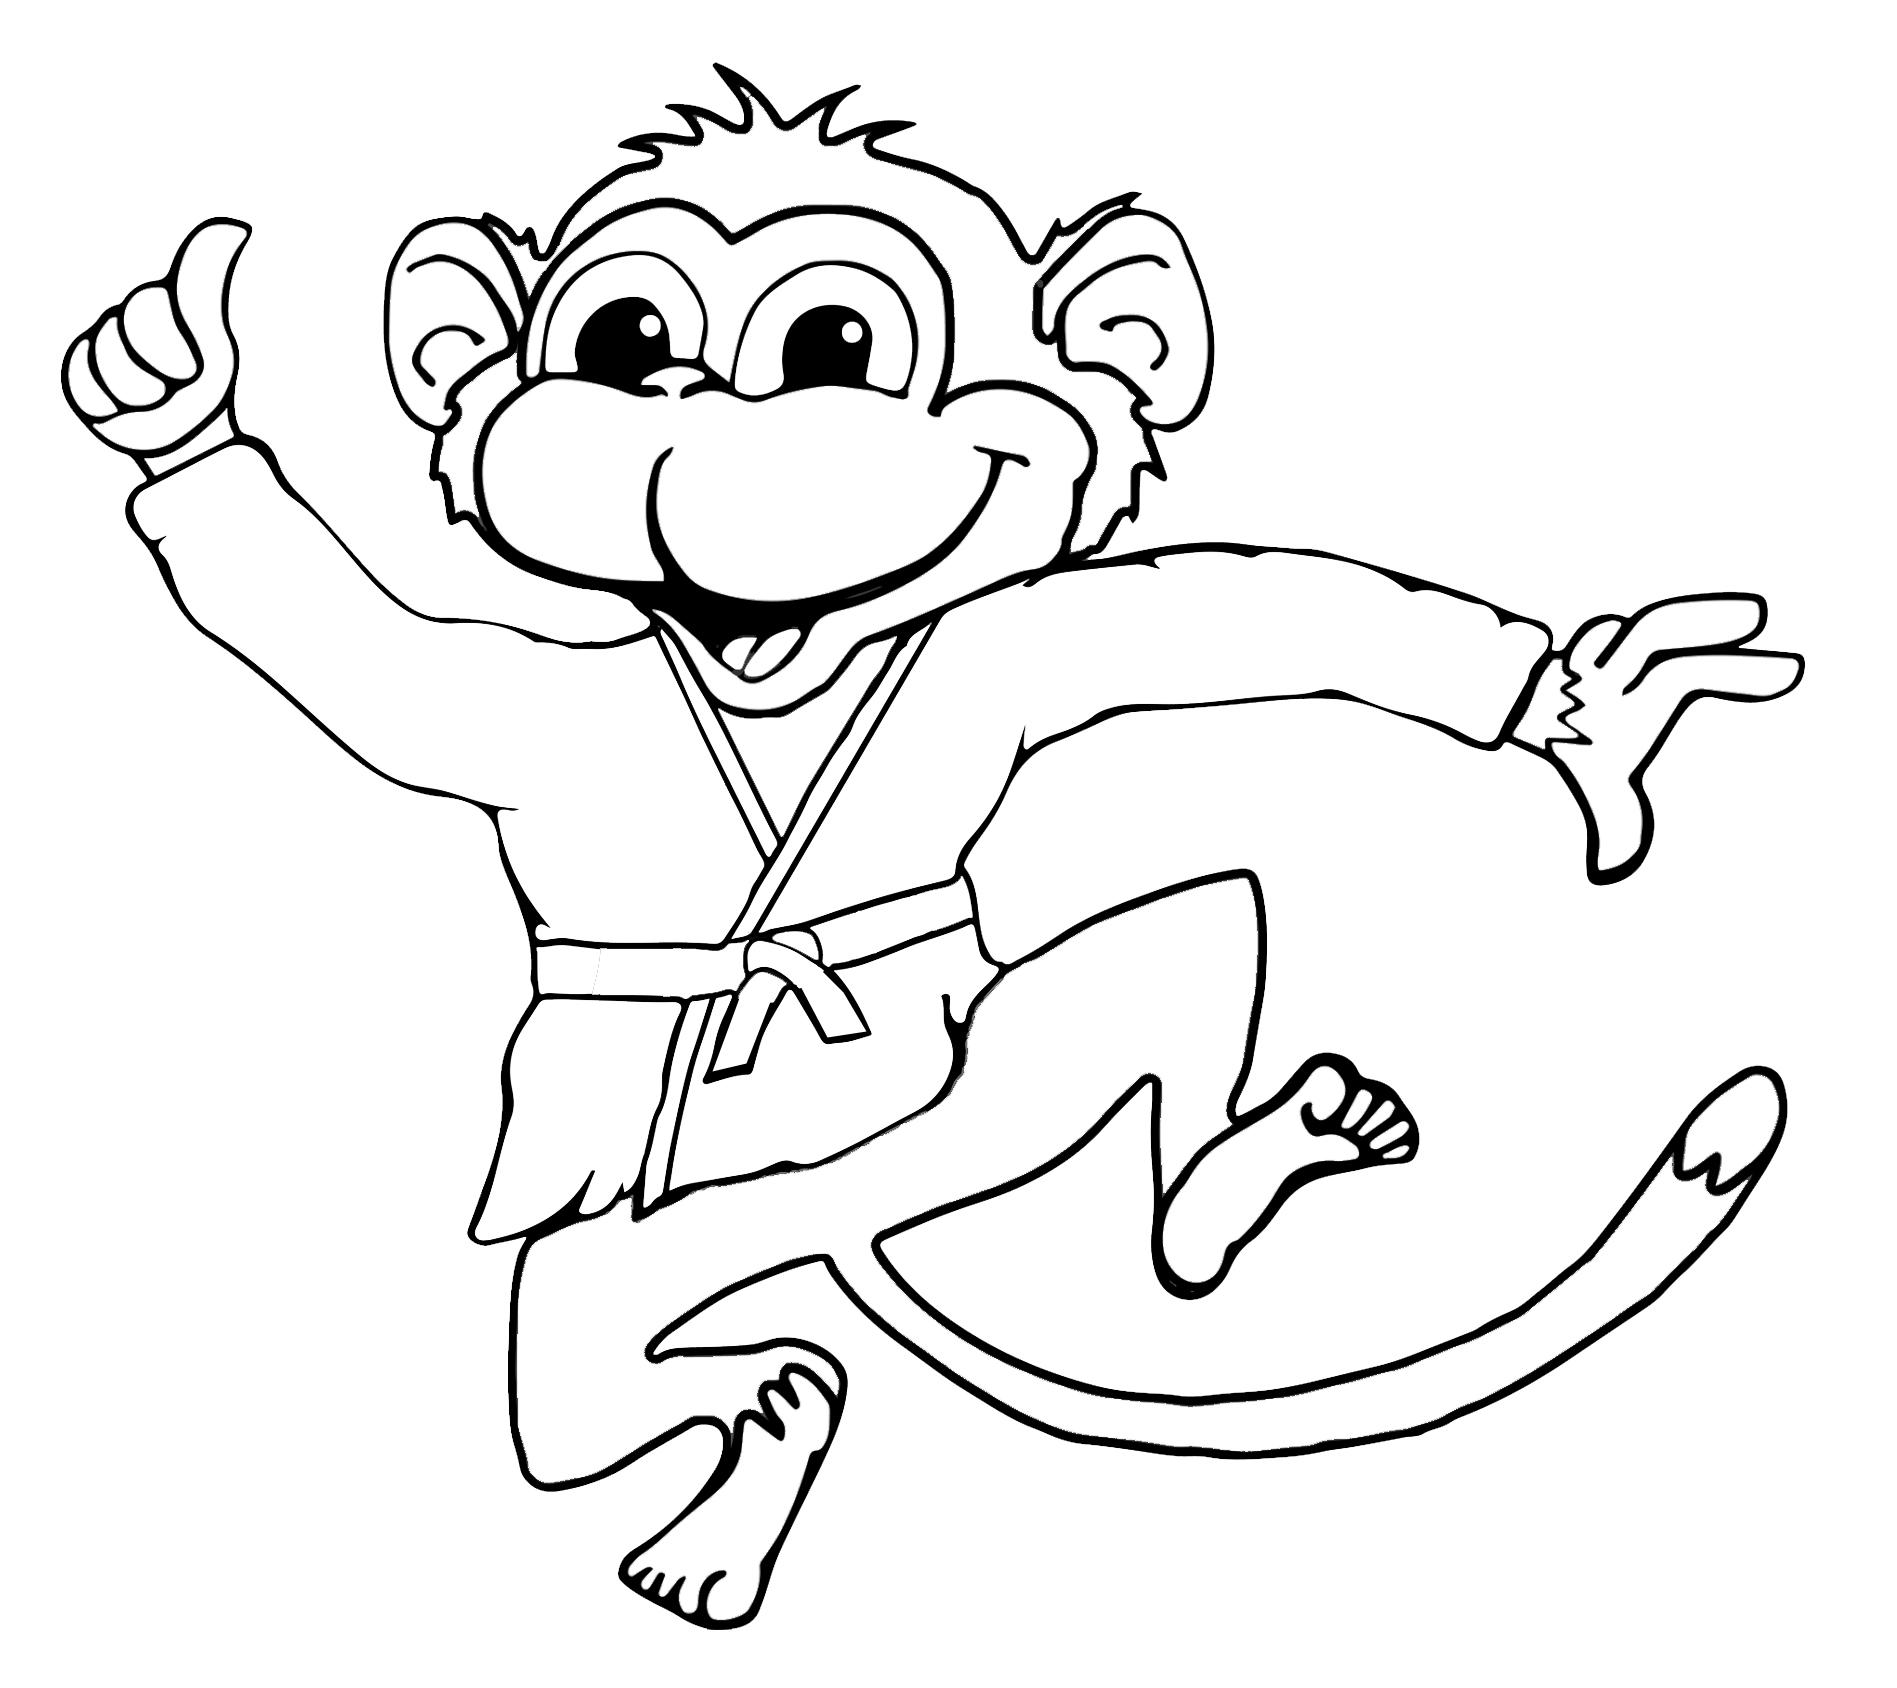 Judo-Malvorlagen : Downloads : Corona-News : Deutscher Judo-Bund